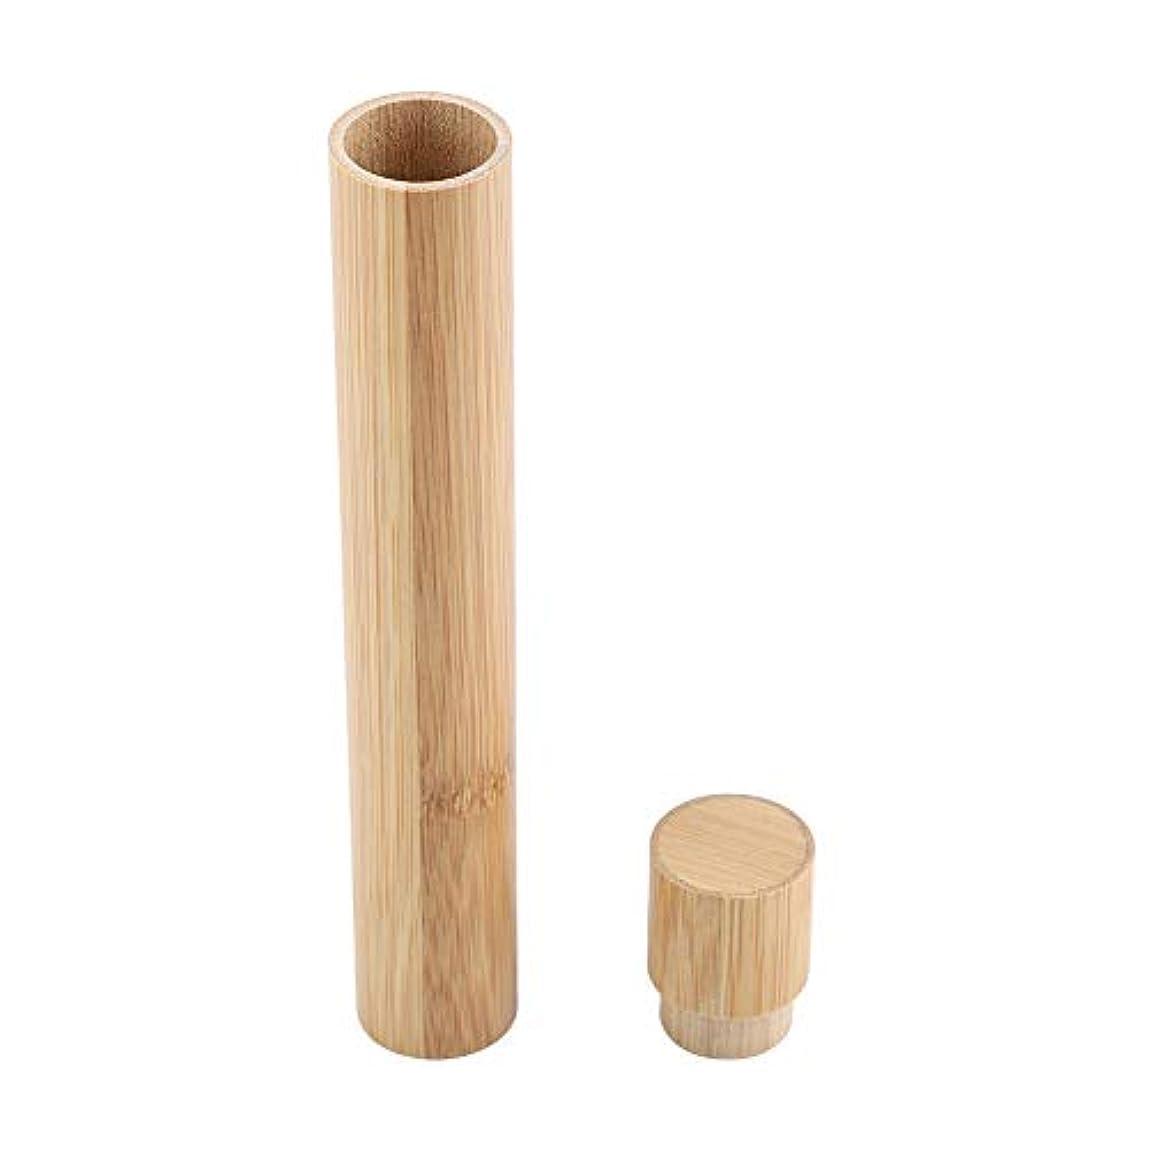 遺伝子地理簡単に歯ブラシケース ブラシホルダー ブラシ収納 ポータブル エコフレンドリー 木製 竹 トラベル用 プロテクト 収納ケース ブラシ保護